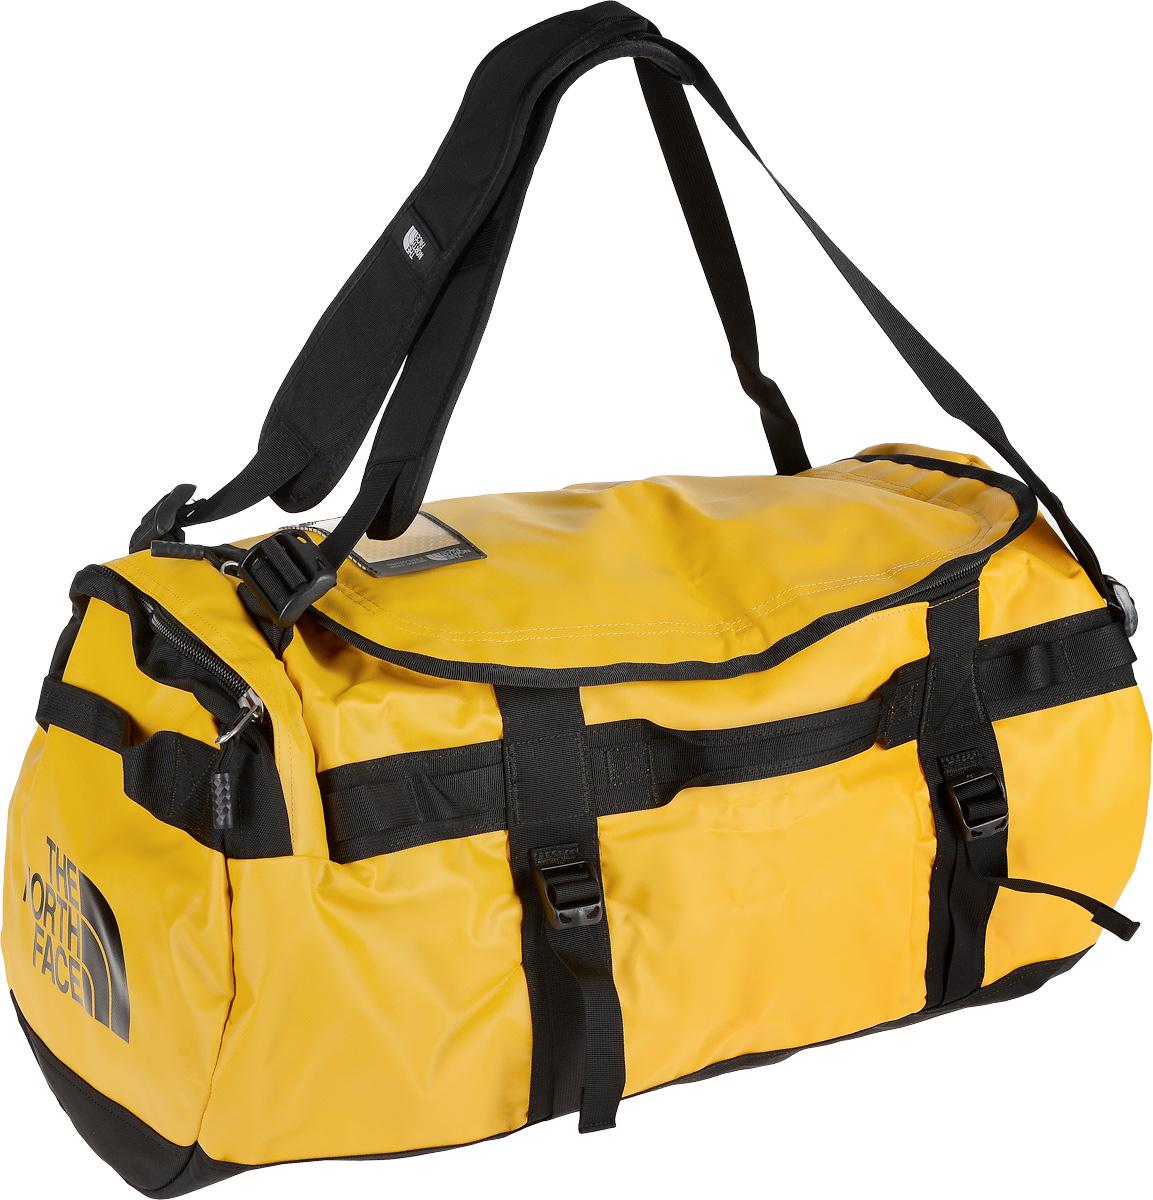 Сумка-рюкзак The North Face, цвет: желтый, черный, 71 л. CWW2_KY4T0CWW2KY4Удобная экспедиционная сумка-рюкзак The North Face, вместительная модель, которая подойдет на любой жизненный случай. Изготовлена модель из сочетания водонепроницаемого баллистического нейлона и полиэстера с TPE ламинированием. Корпус изделия укреплен поперечными лентами с двойной отстрочкой и по бокам четырьмя лентами для утяжки. Модель имеет улучшенные эргономичные плечевые лямки, новые укрепленные боковые ручки, которые позволяют с удобством переносить или тащить тяжелые грузы. Основное отделение сумки застегивается на U-образную молнию с защитой от влаги. Также изделие оснащено дополнительным боковым карманом на молнии. Верхняя крышка сумки дополнена небольшим отделением для бейджа с персональными данными, а с внутренней стороны имеет карман на молнии из сетчатой ткани. Оформлена модель износостойким принтом с логотипом бренда.